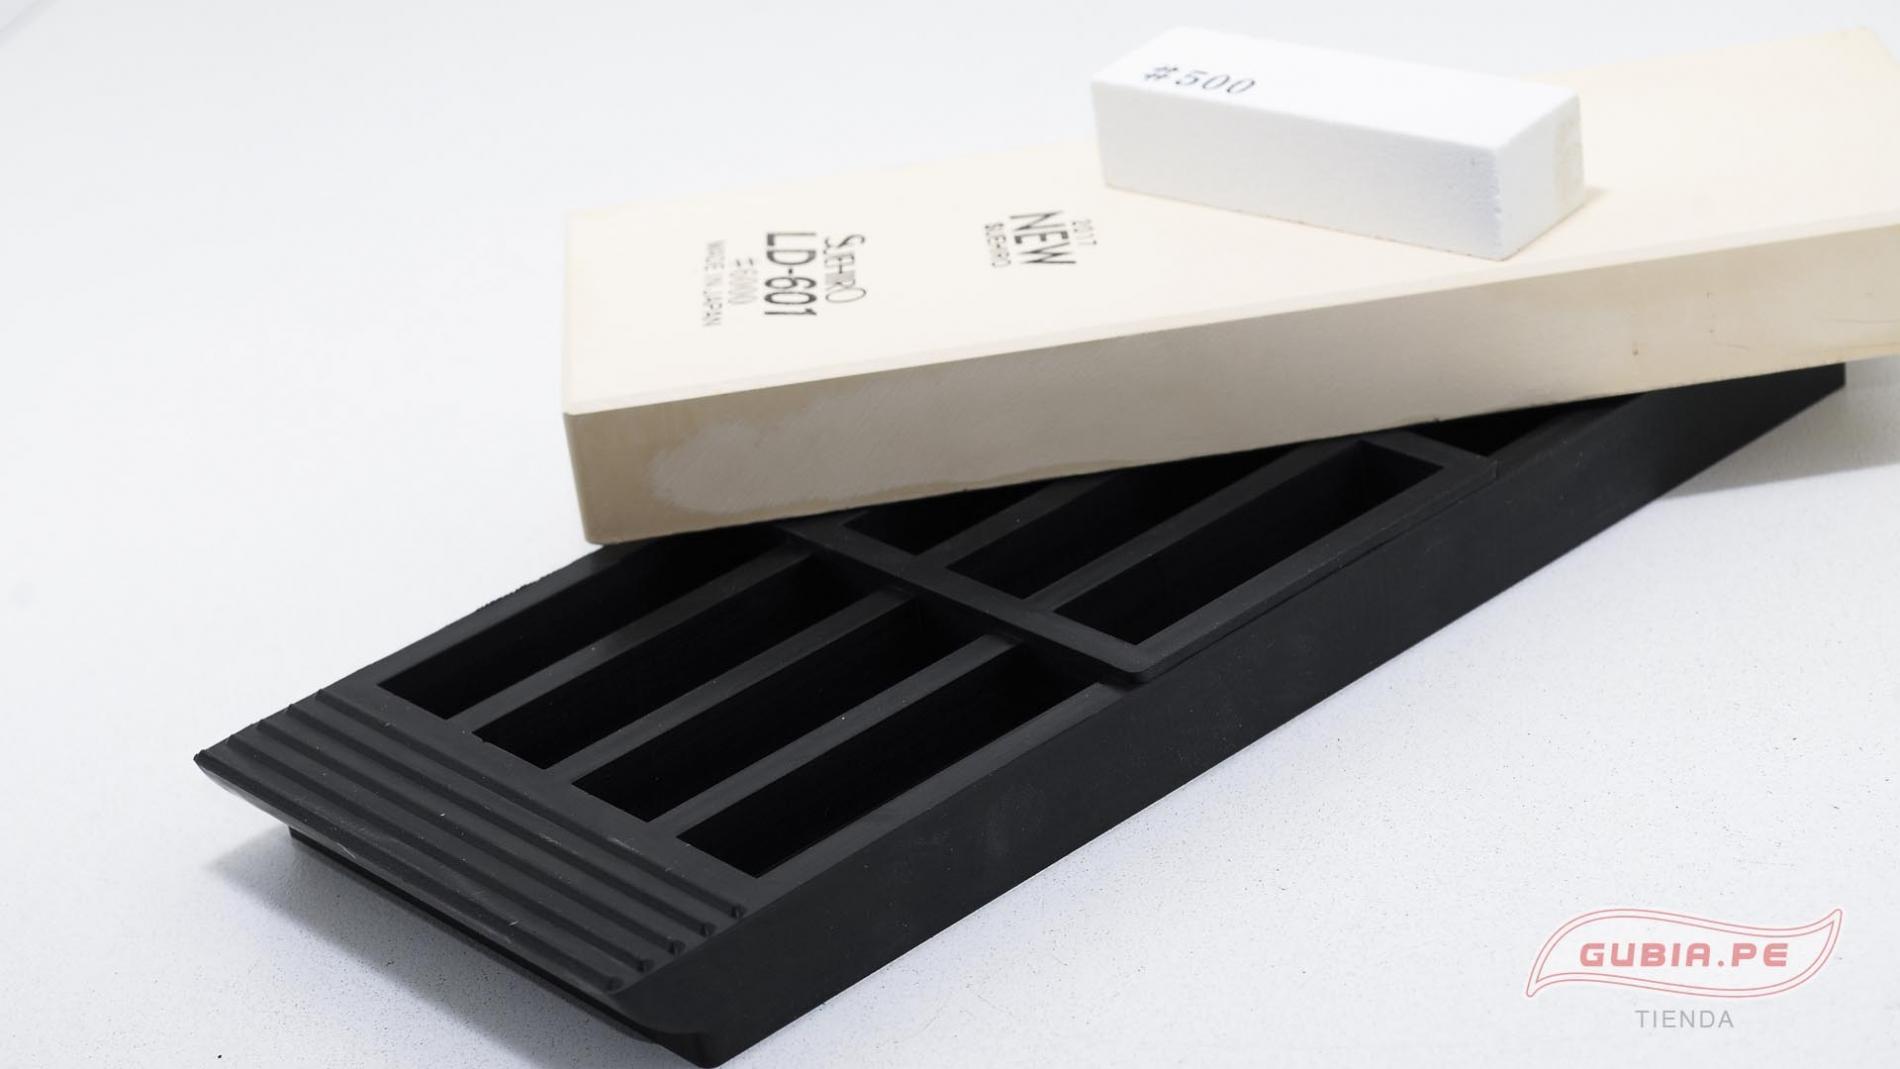 LD-601-Piedra de asentar 6000 pulir filo de cuchillos SUEHIRO Debado LD-601-max-4.